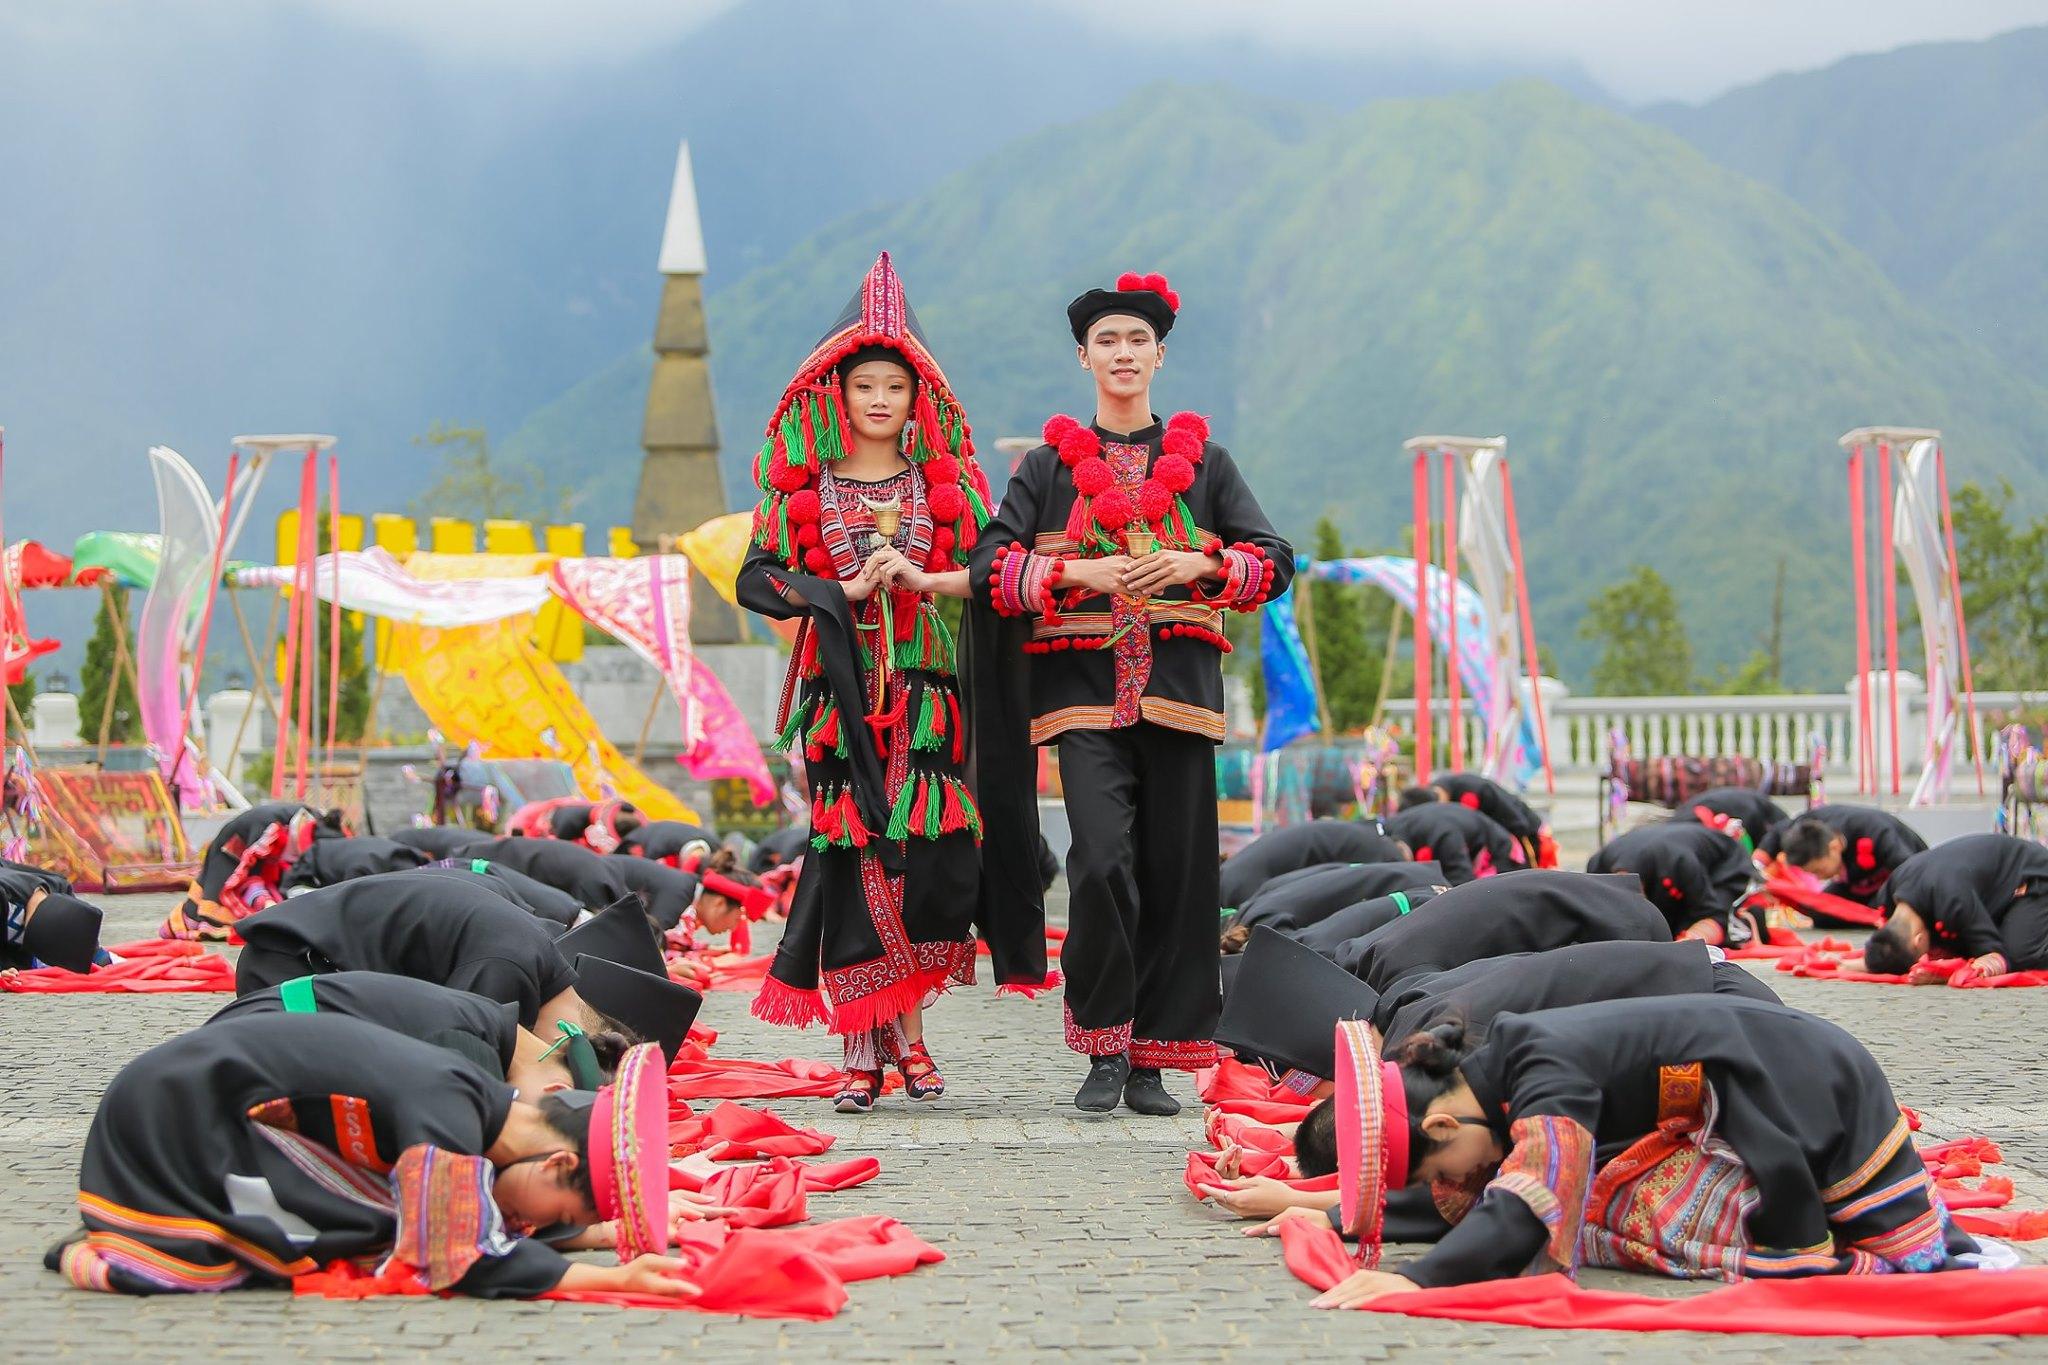 Chất Tây Bắc sống động khiến du khách thích thú với Giải đua ngựa tại Fansipan  - Ảnh 9